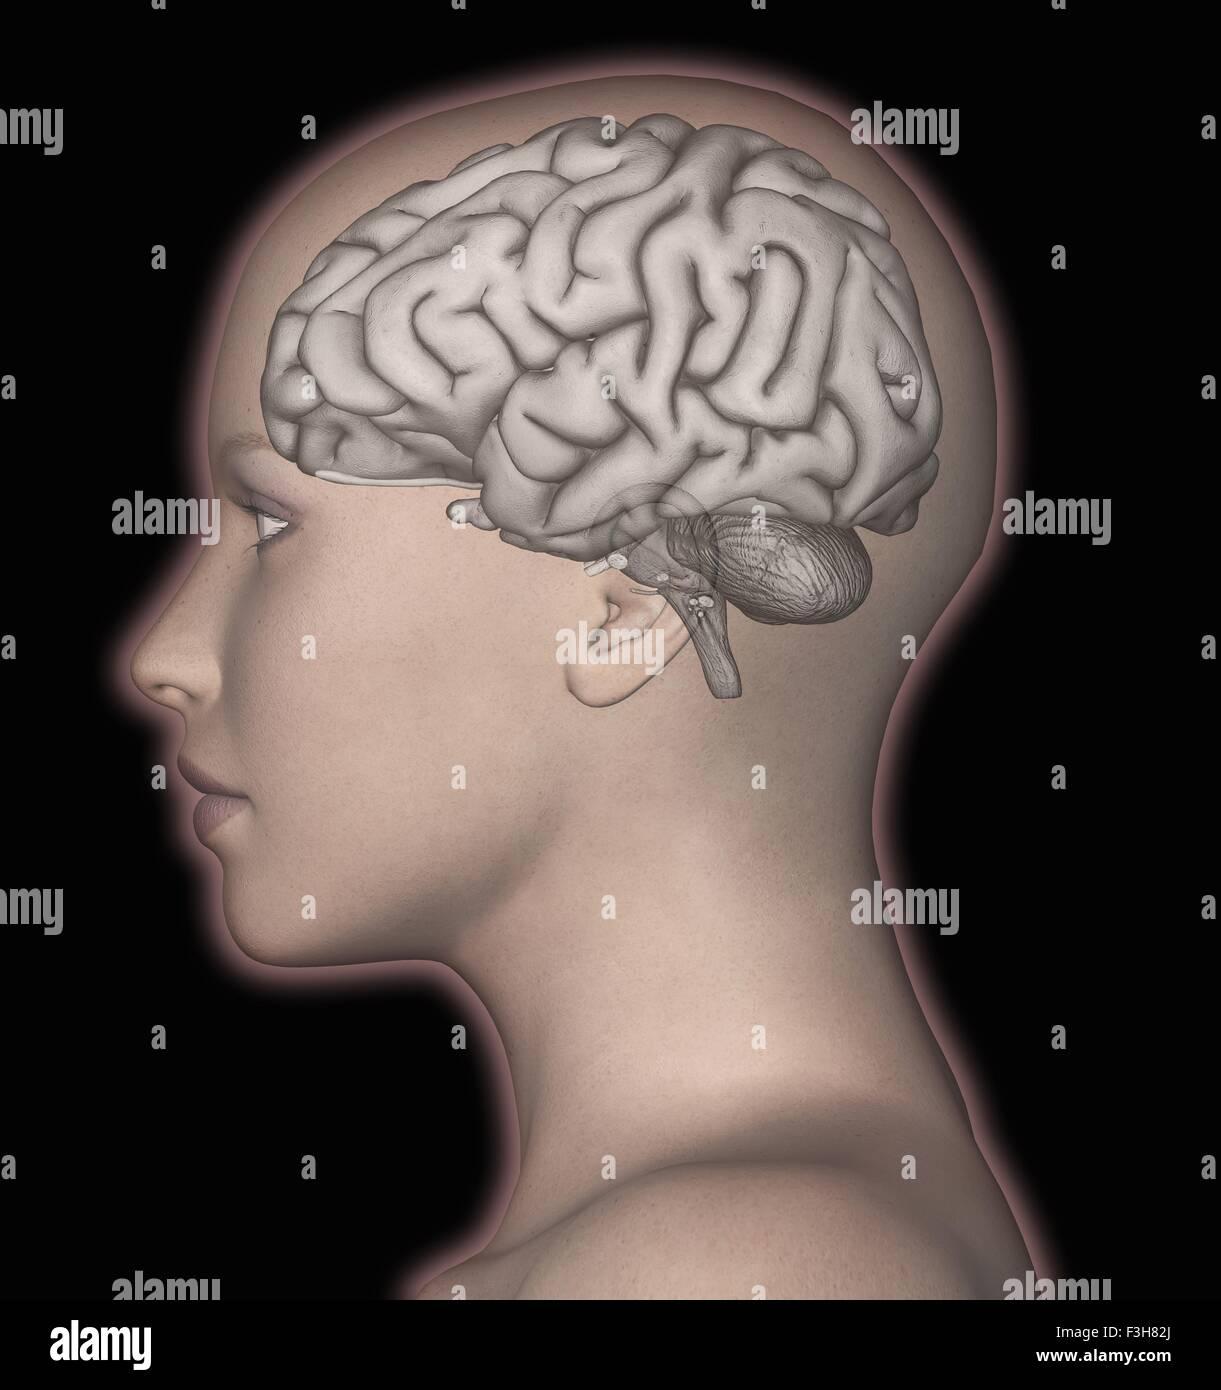 Representación 3D por computadora del cerebro humano superpuesta sobre la cabeza de una mujer Imagen De Stock